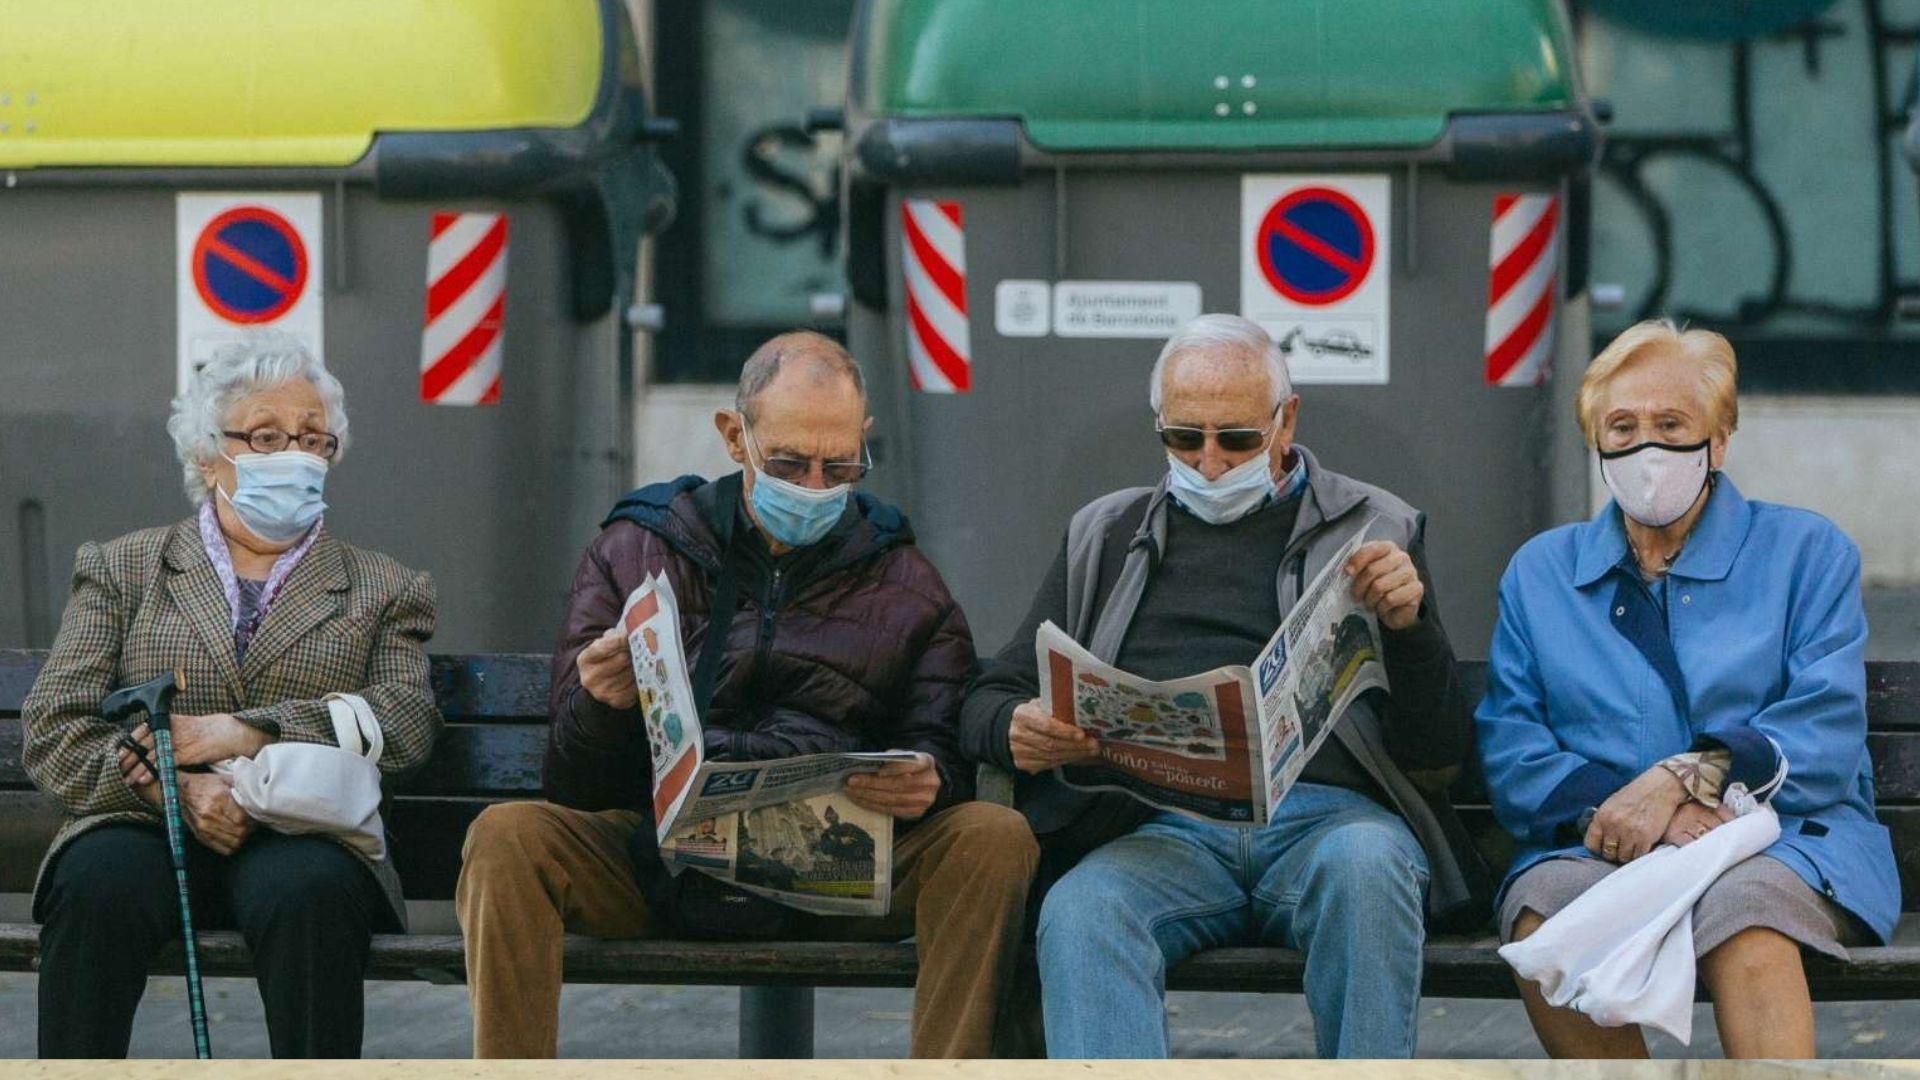 Persones amb mascareta assegudes en un banc.